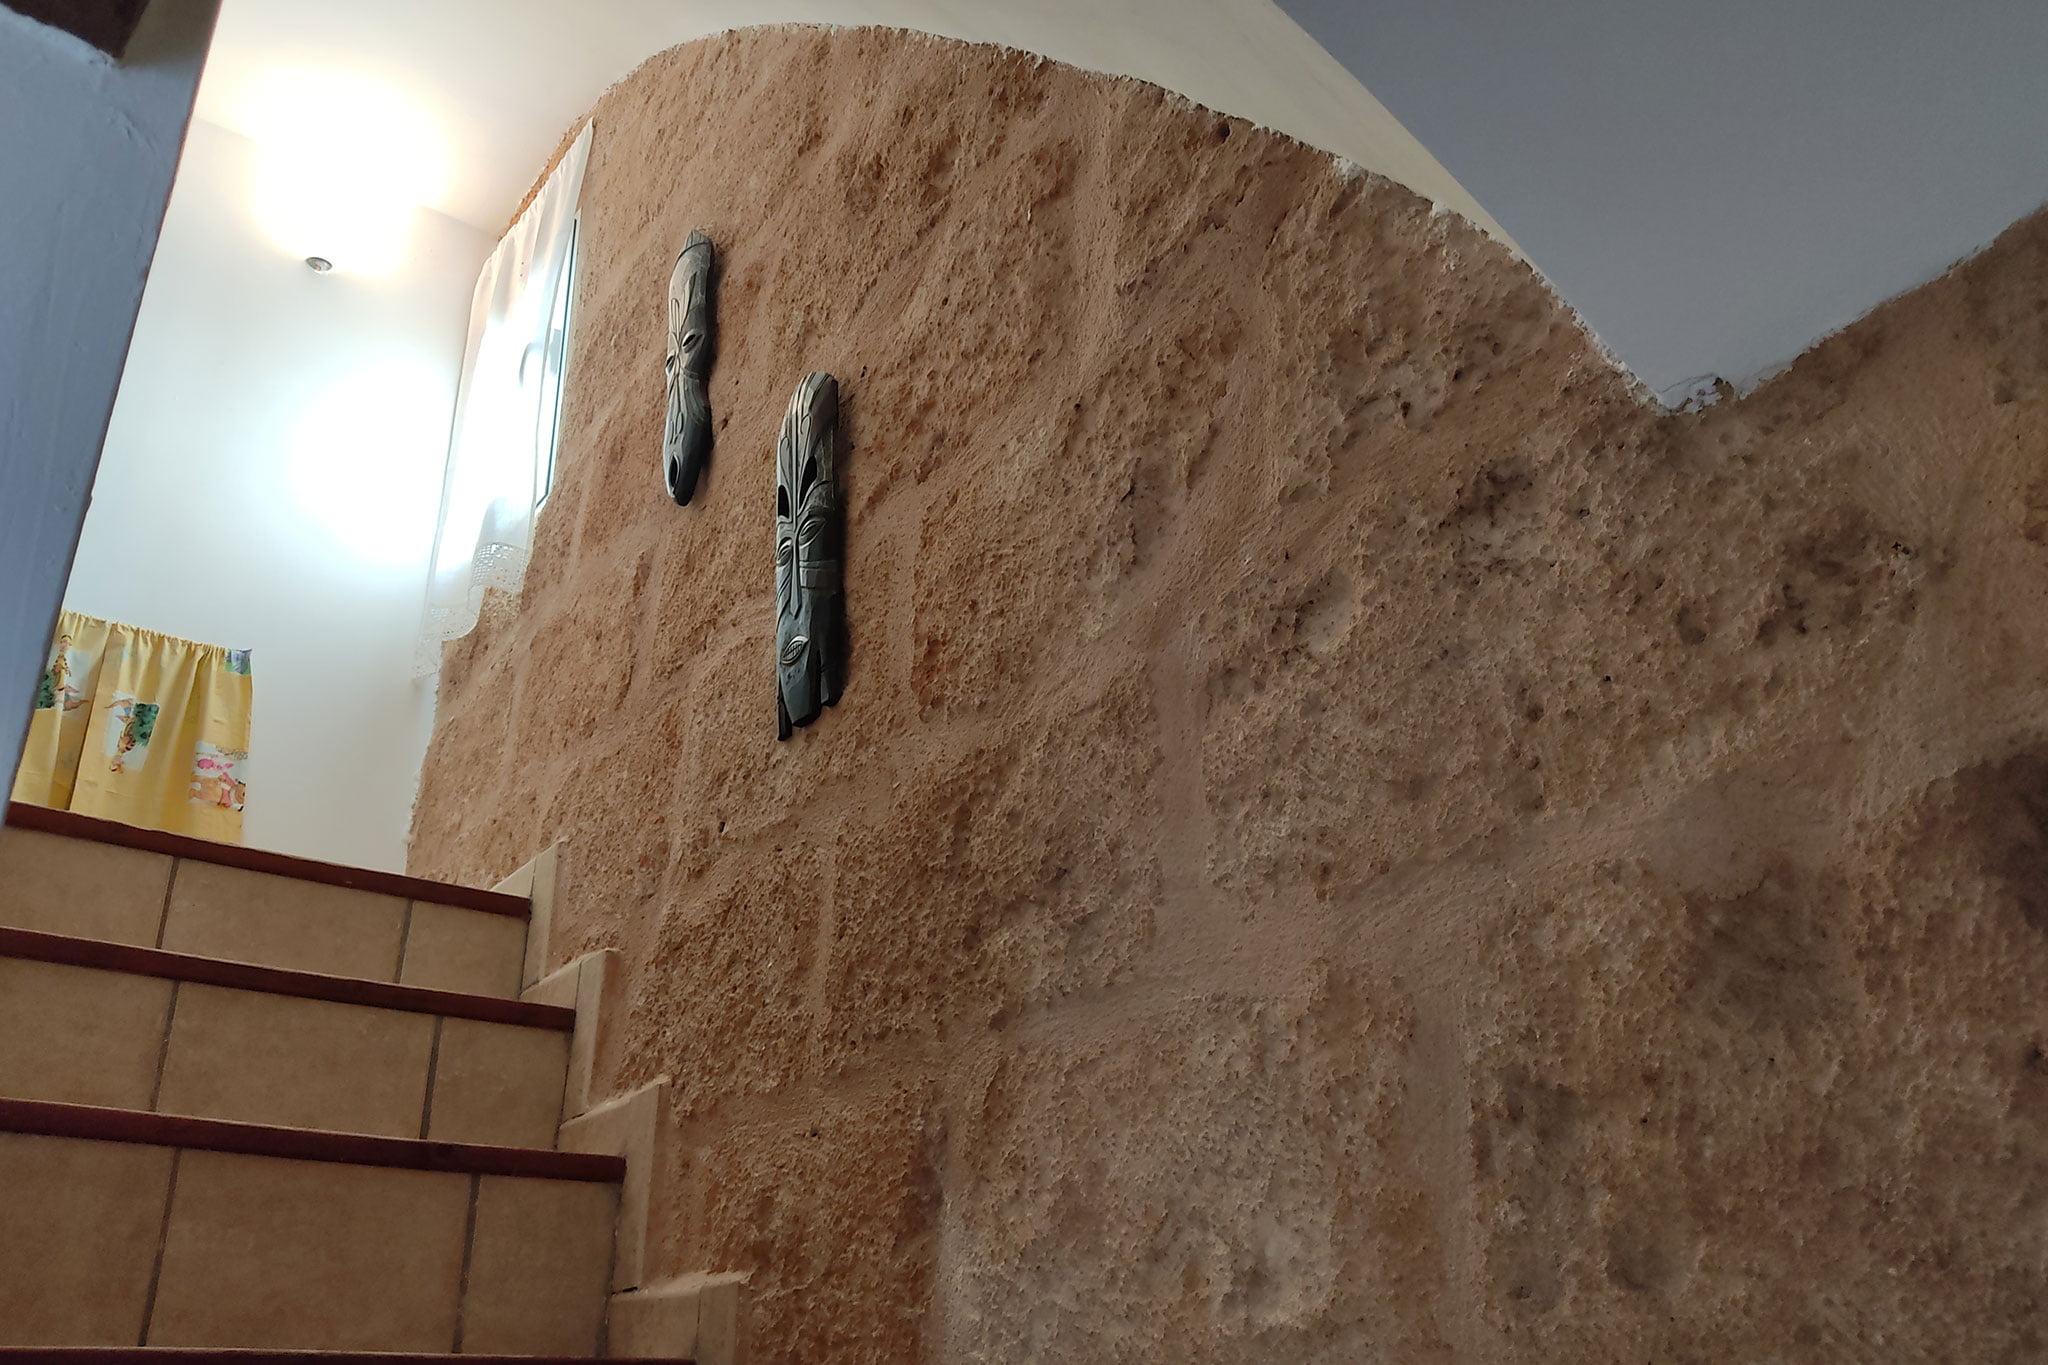 Paredes originales de piedra tosca en una propiedad en venta en Jávea – Xabiga Inmobiliaria